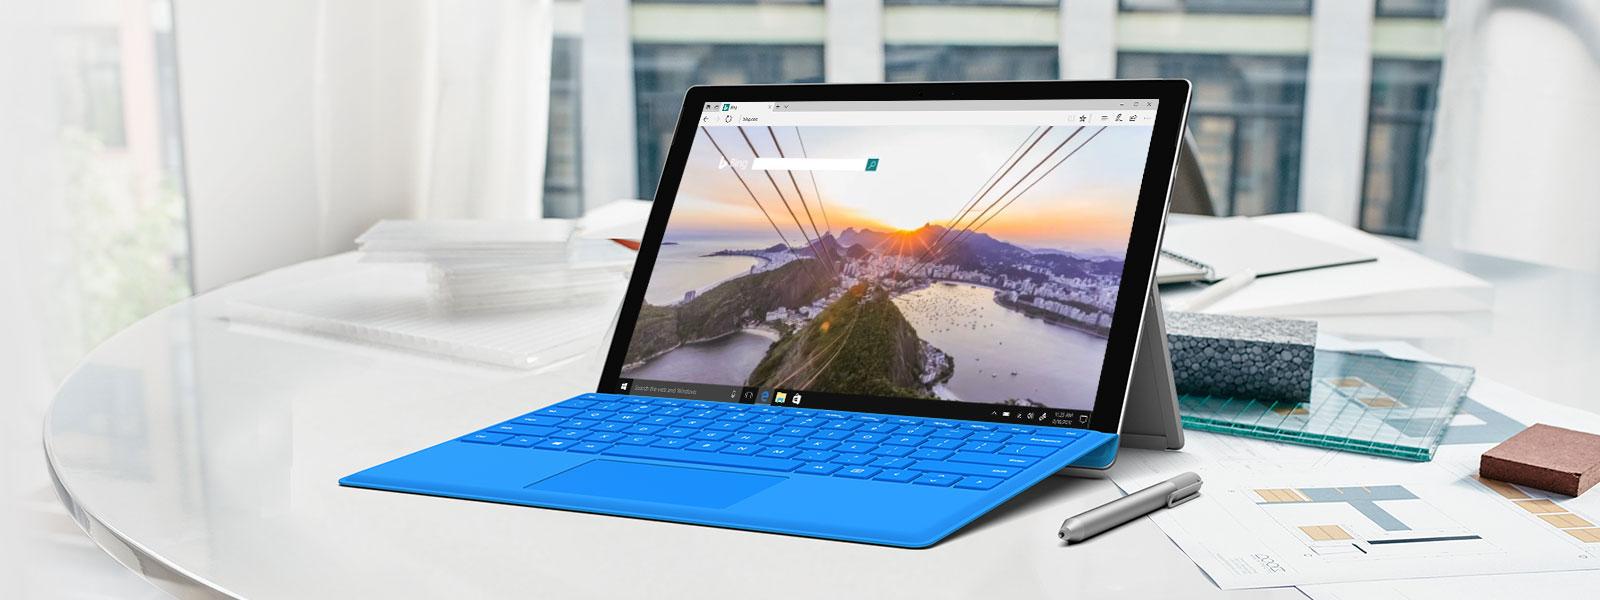 Microsoft Edge, в който е показан екранът за търсене с Bing